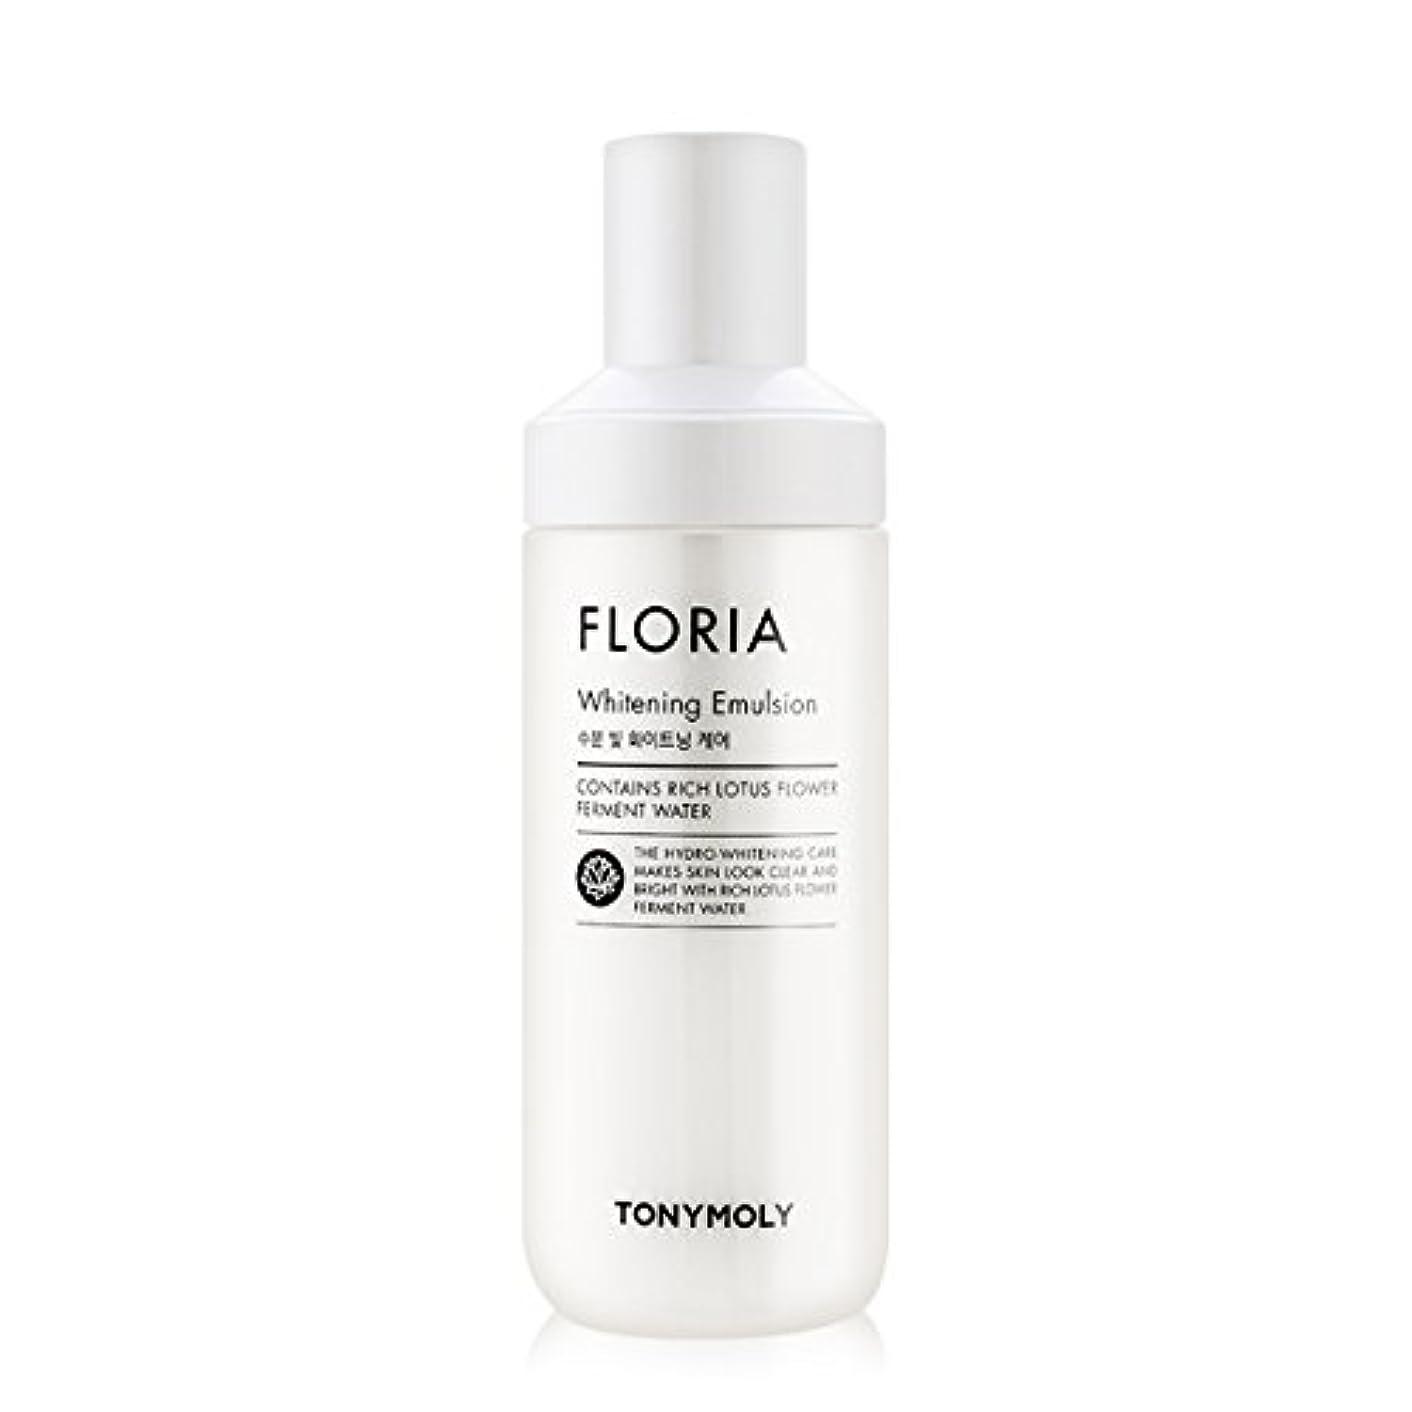 毒性戻る入場料[2016 New] TONYMOLY Floria Whitening Emulsion 160ml/トニーモリー フロリア ホワイトニング エマルジョン 160ml [並行輸入品]